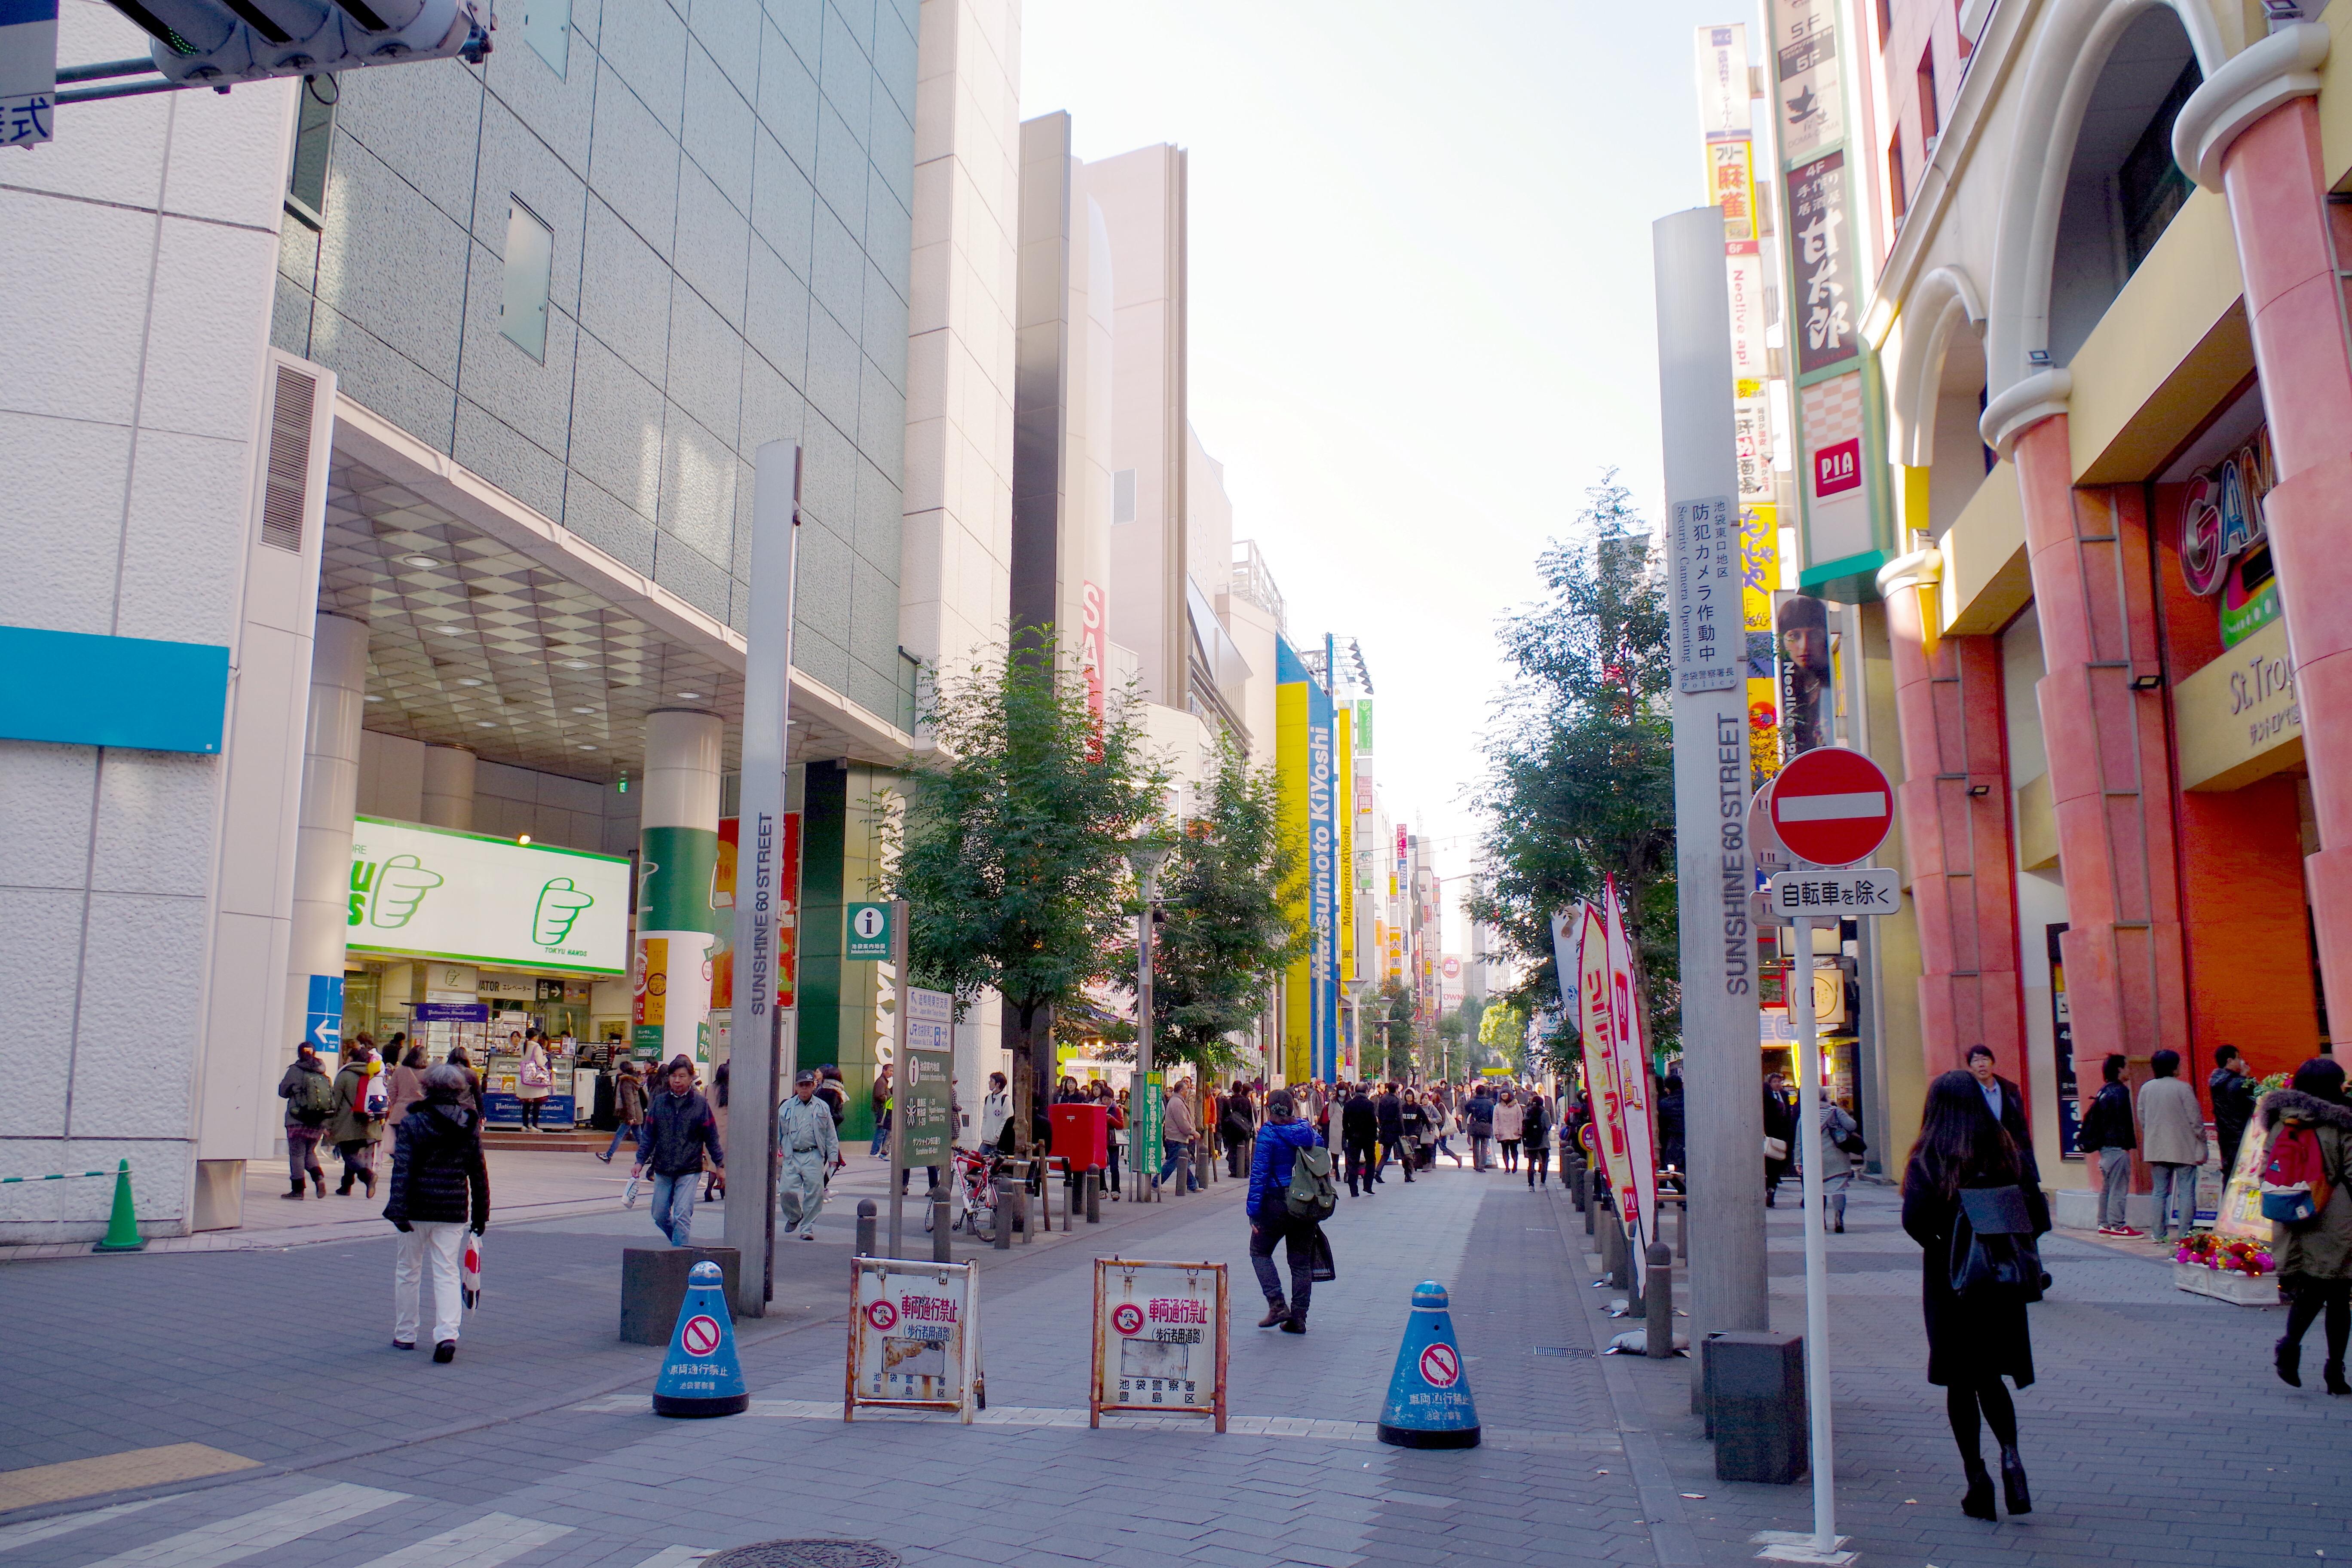 サンシャイン60通り【JY13 池袋駅】